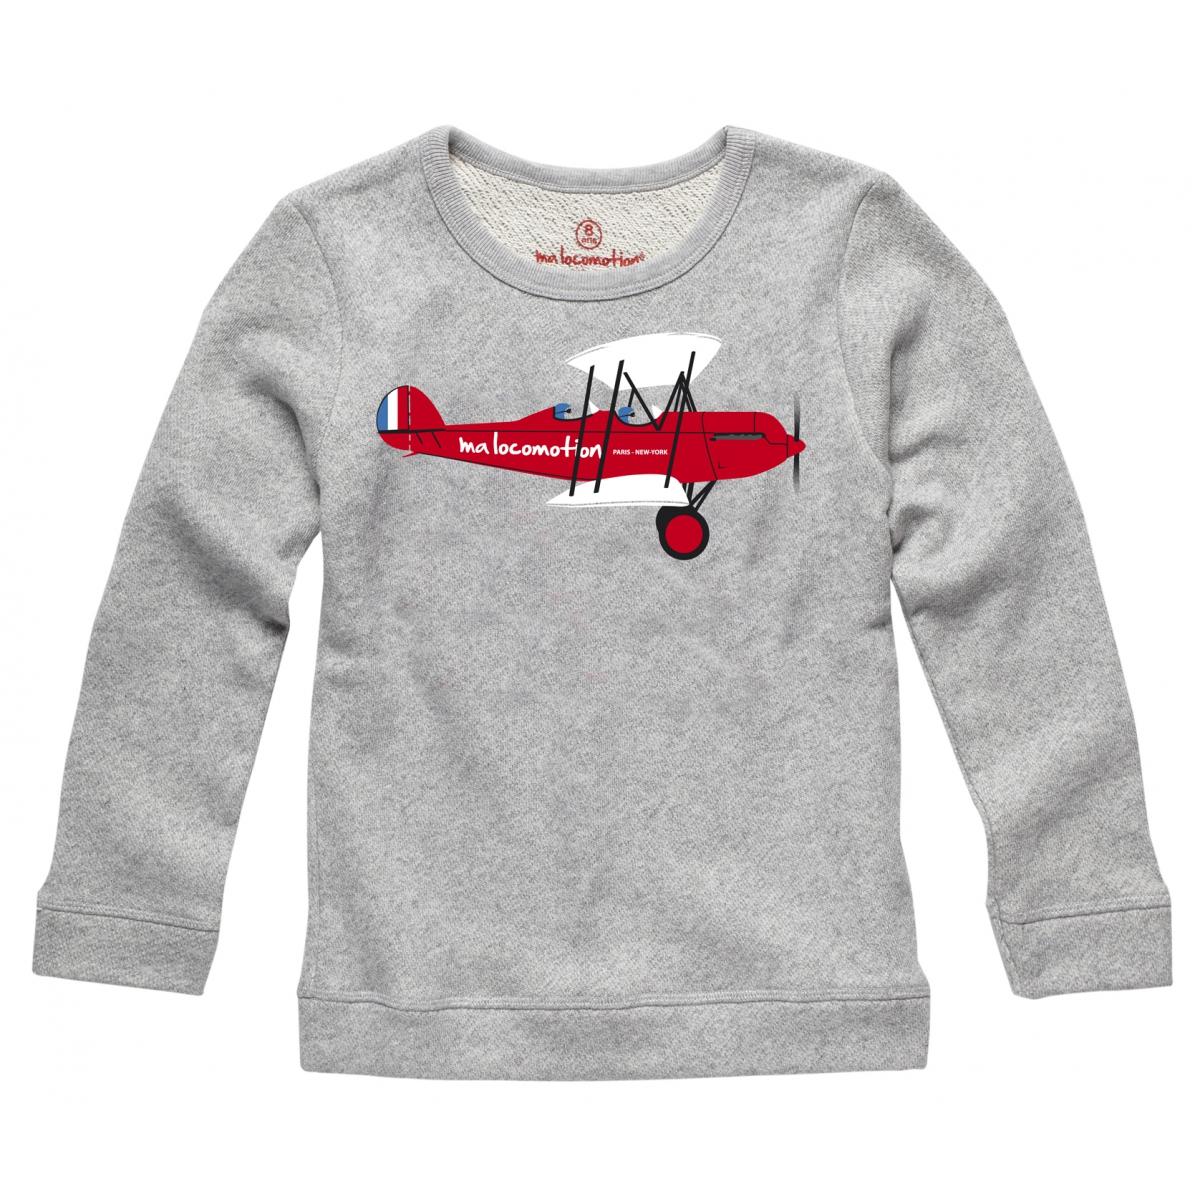 Sweat shirt avion